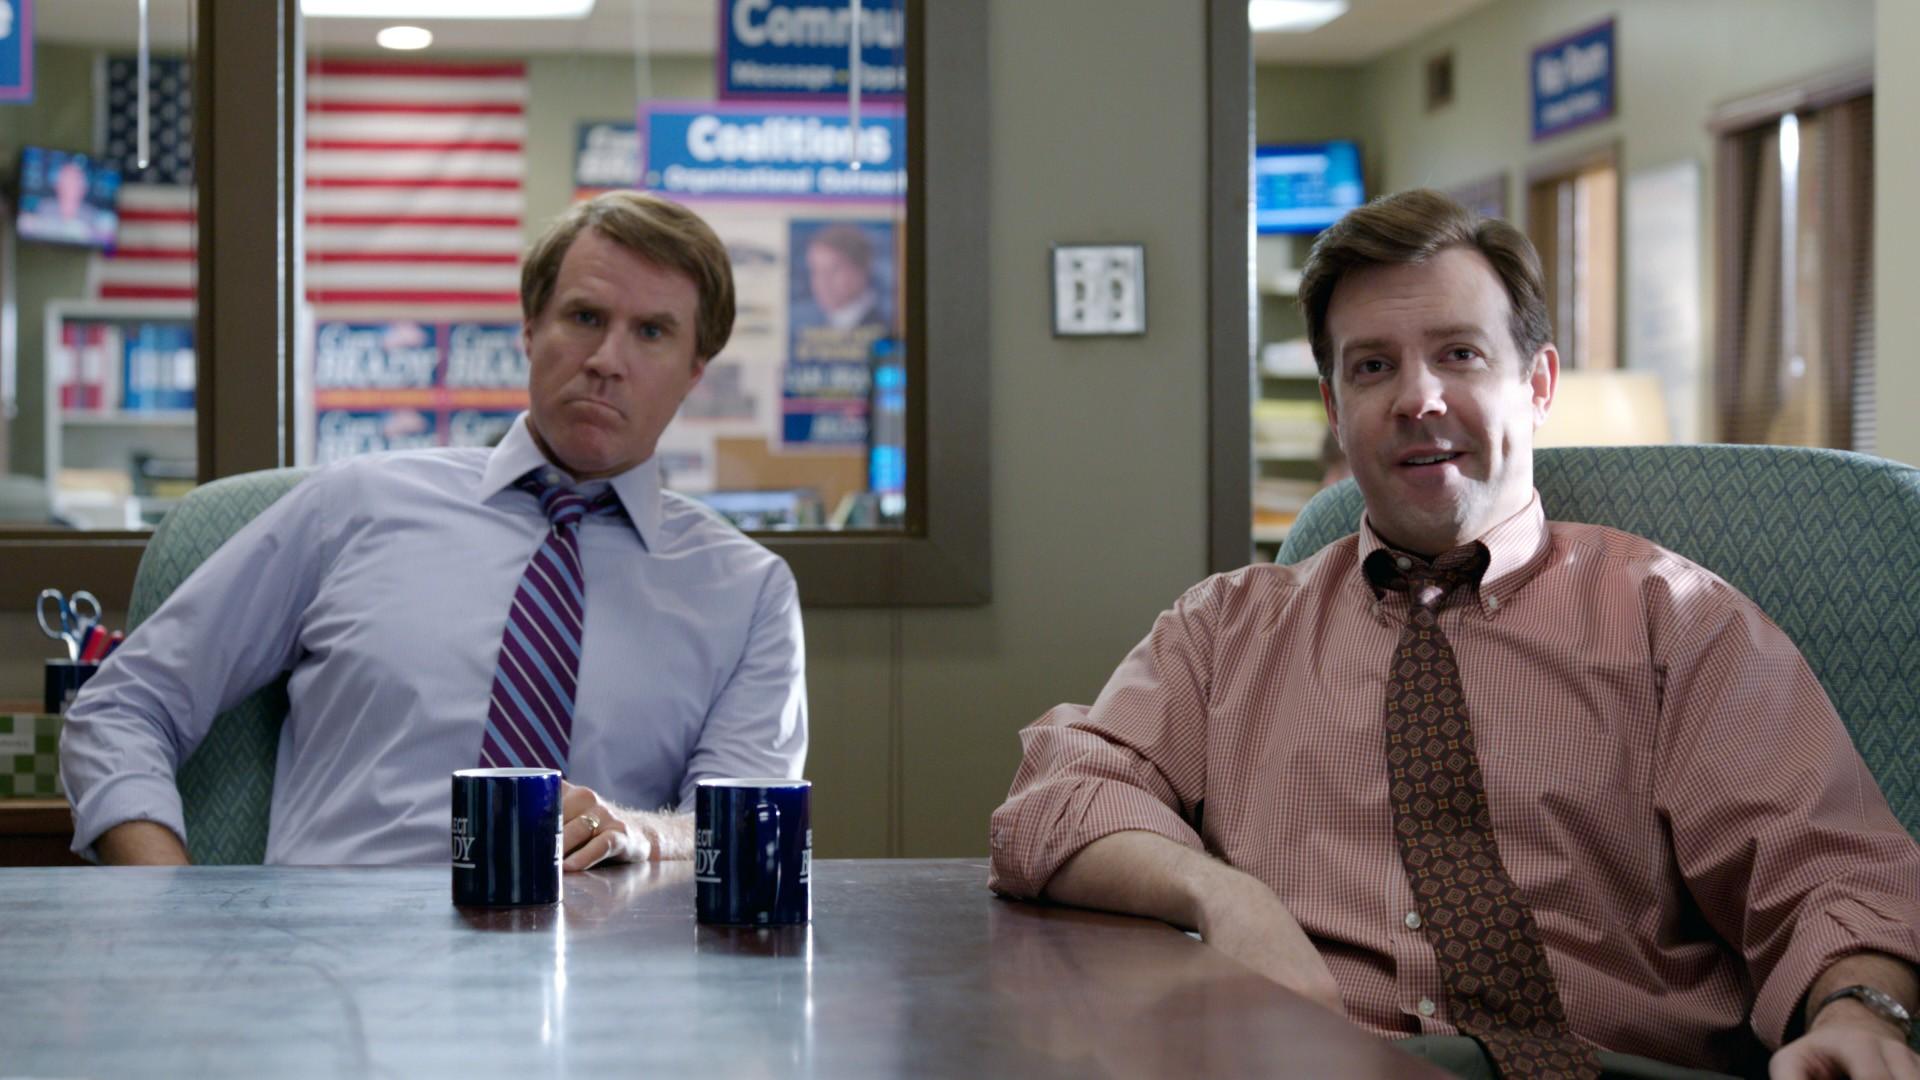 кадры из фильма Грязная кампания за честные выборы Уилл Феррелл, Джейсон Судейкис,